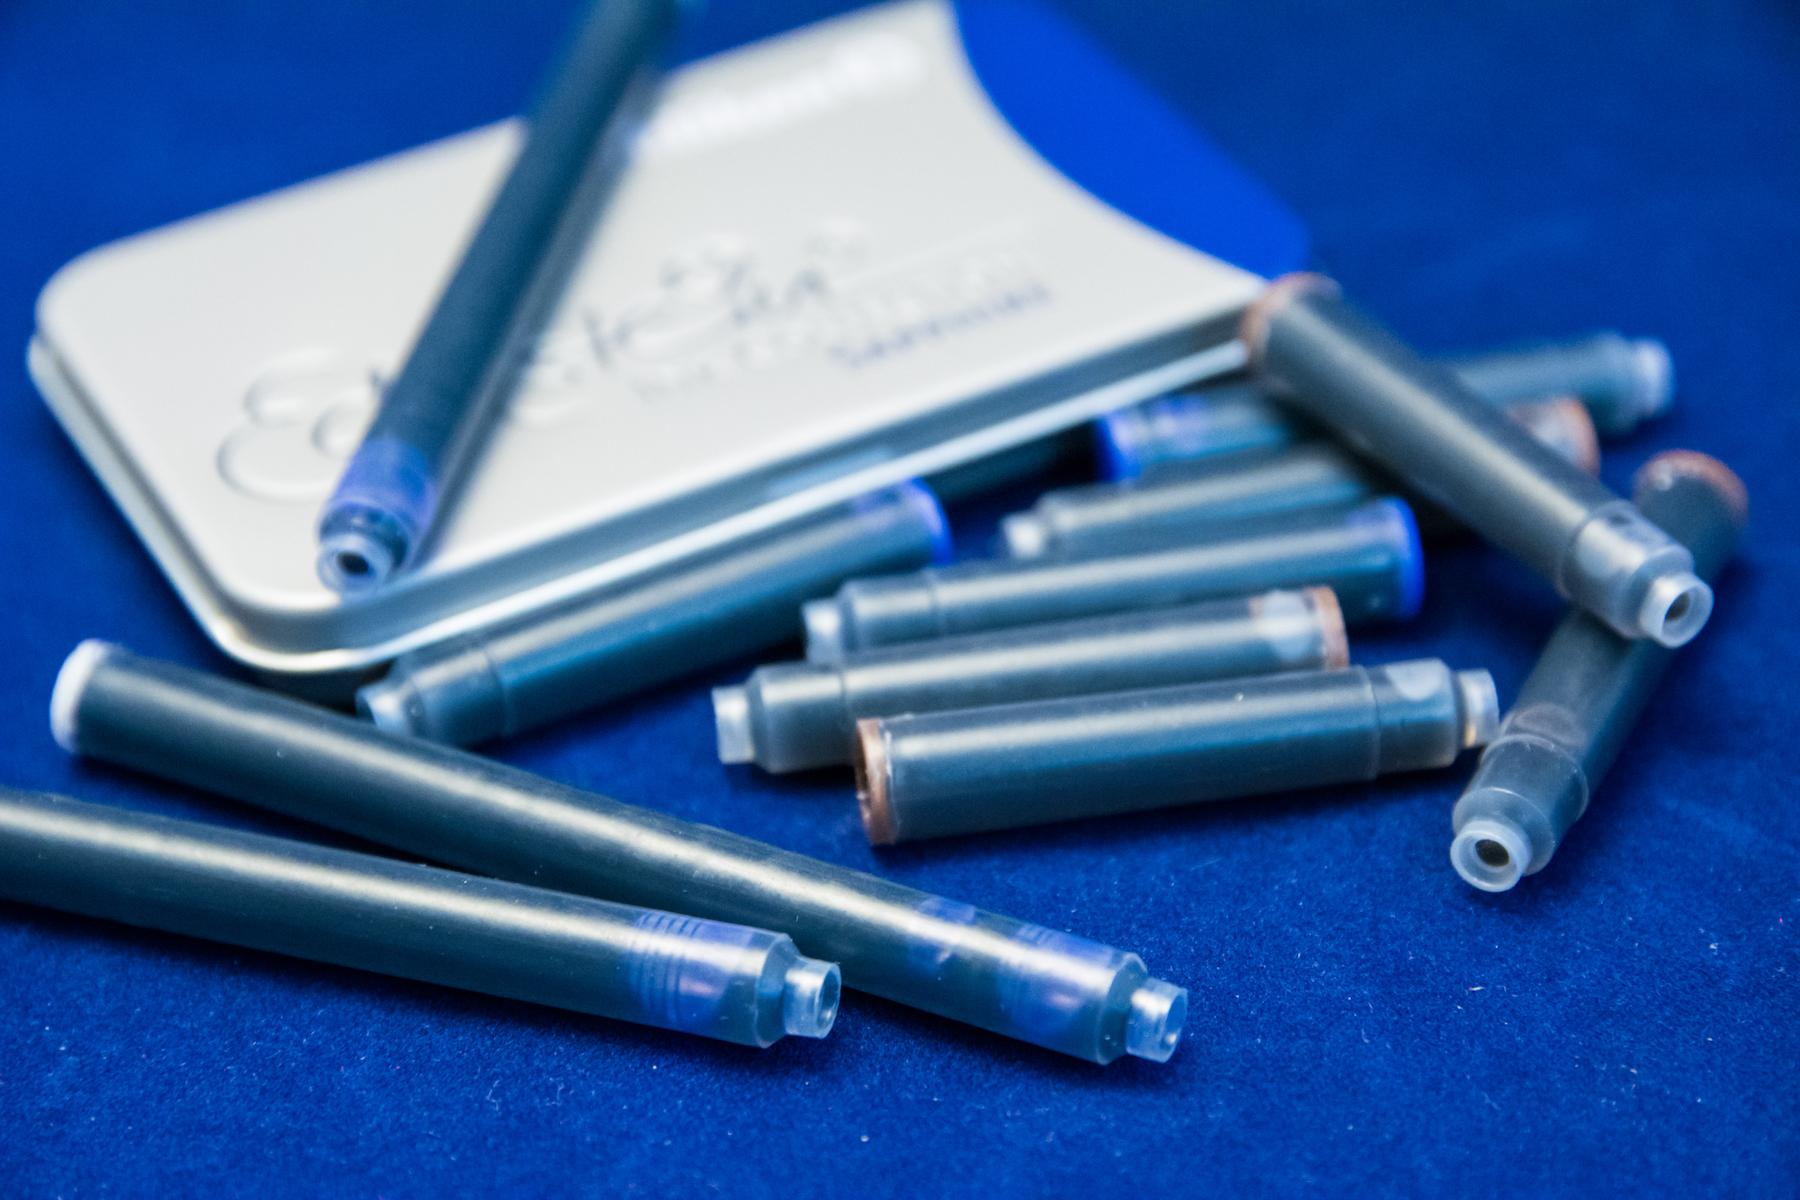 【インク】青か黒か